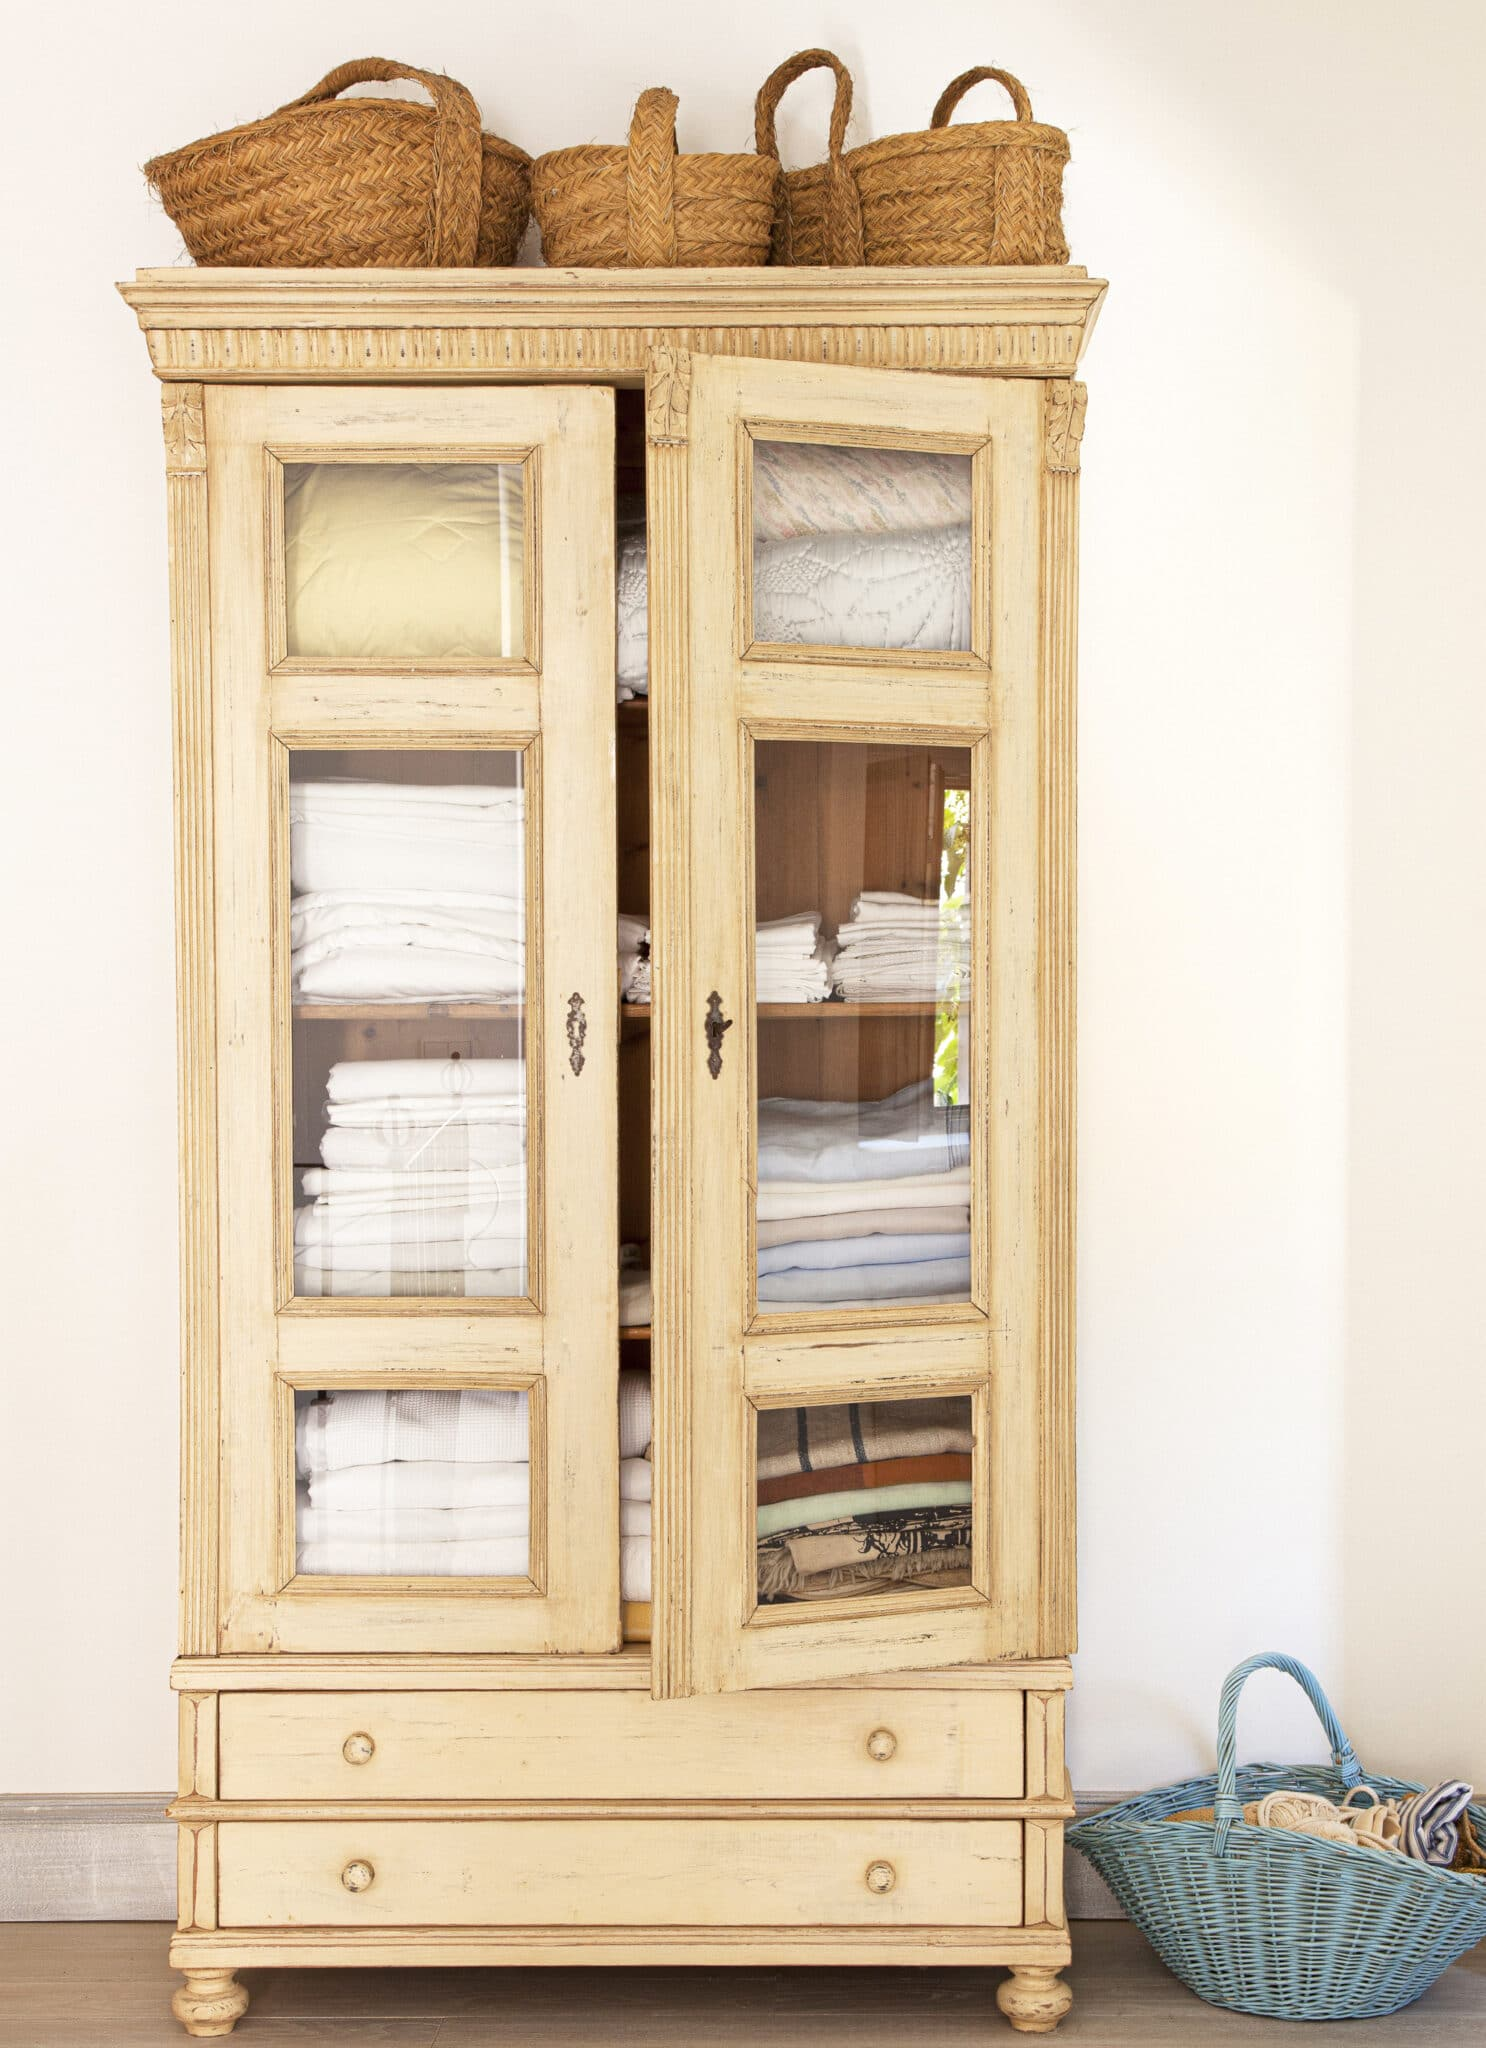 Um armário de linho antigo com portas de janela, cheio de cobertores e lençóis empilhados.